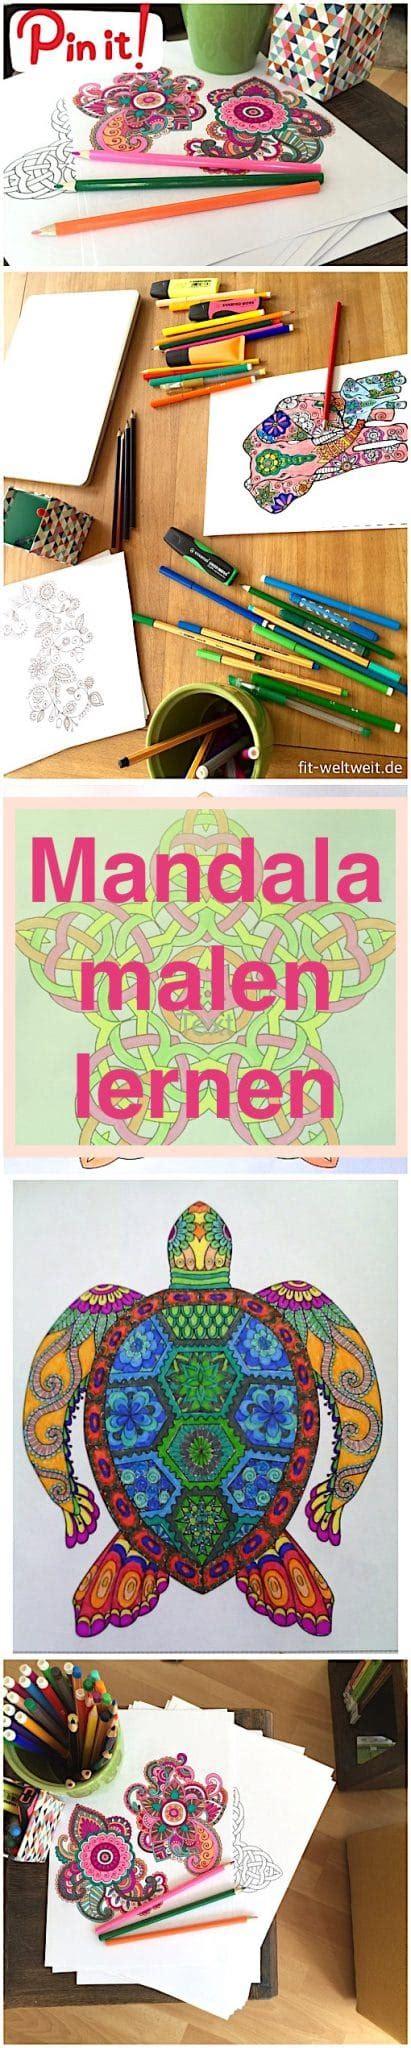 mandala malen für erwachsene mandala malen f 252 r erwachsene als entspannung anleitung und diy fit weltweit de